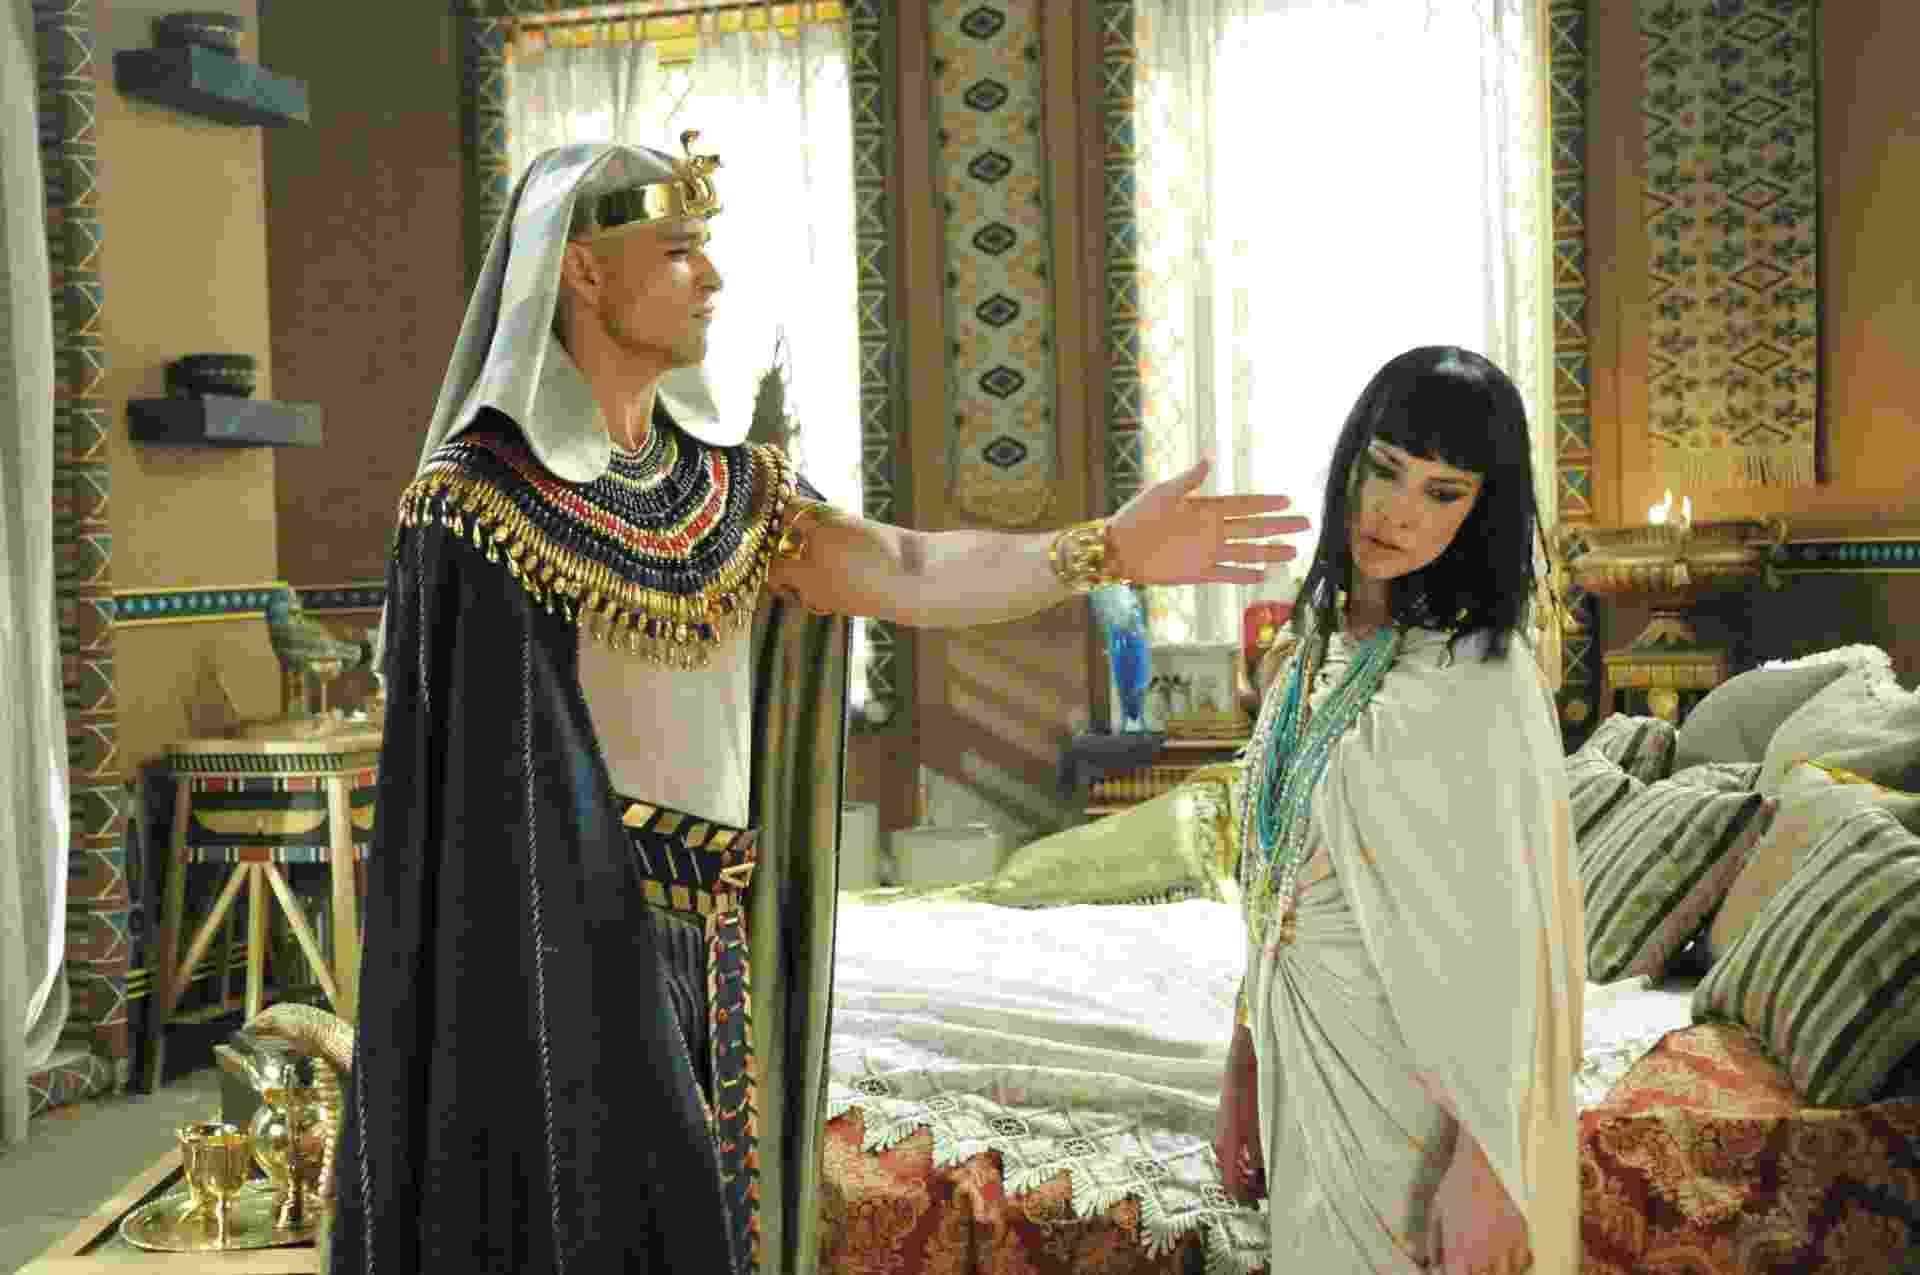 Ramsés (Sérgio Marone) ouve Nefertari (Camila Rodrigues) dizer a Karoma (Roberta Santiago) que ainda ama Moisés (Guilherme Winter). A rainha se desespera ao notar a presença do faraó. O rei expulsa Karoma do quarto e se mostra decepcionado com a mulher amada. Nefertari tenta se justificar, mas o soberano egípcio acaba perdendo a cabeça e lhe acerta um tapa na cara. A cena está prevista para ir ao ar na próxima quarta-feira (28) - Munir Chatack/TV Record